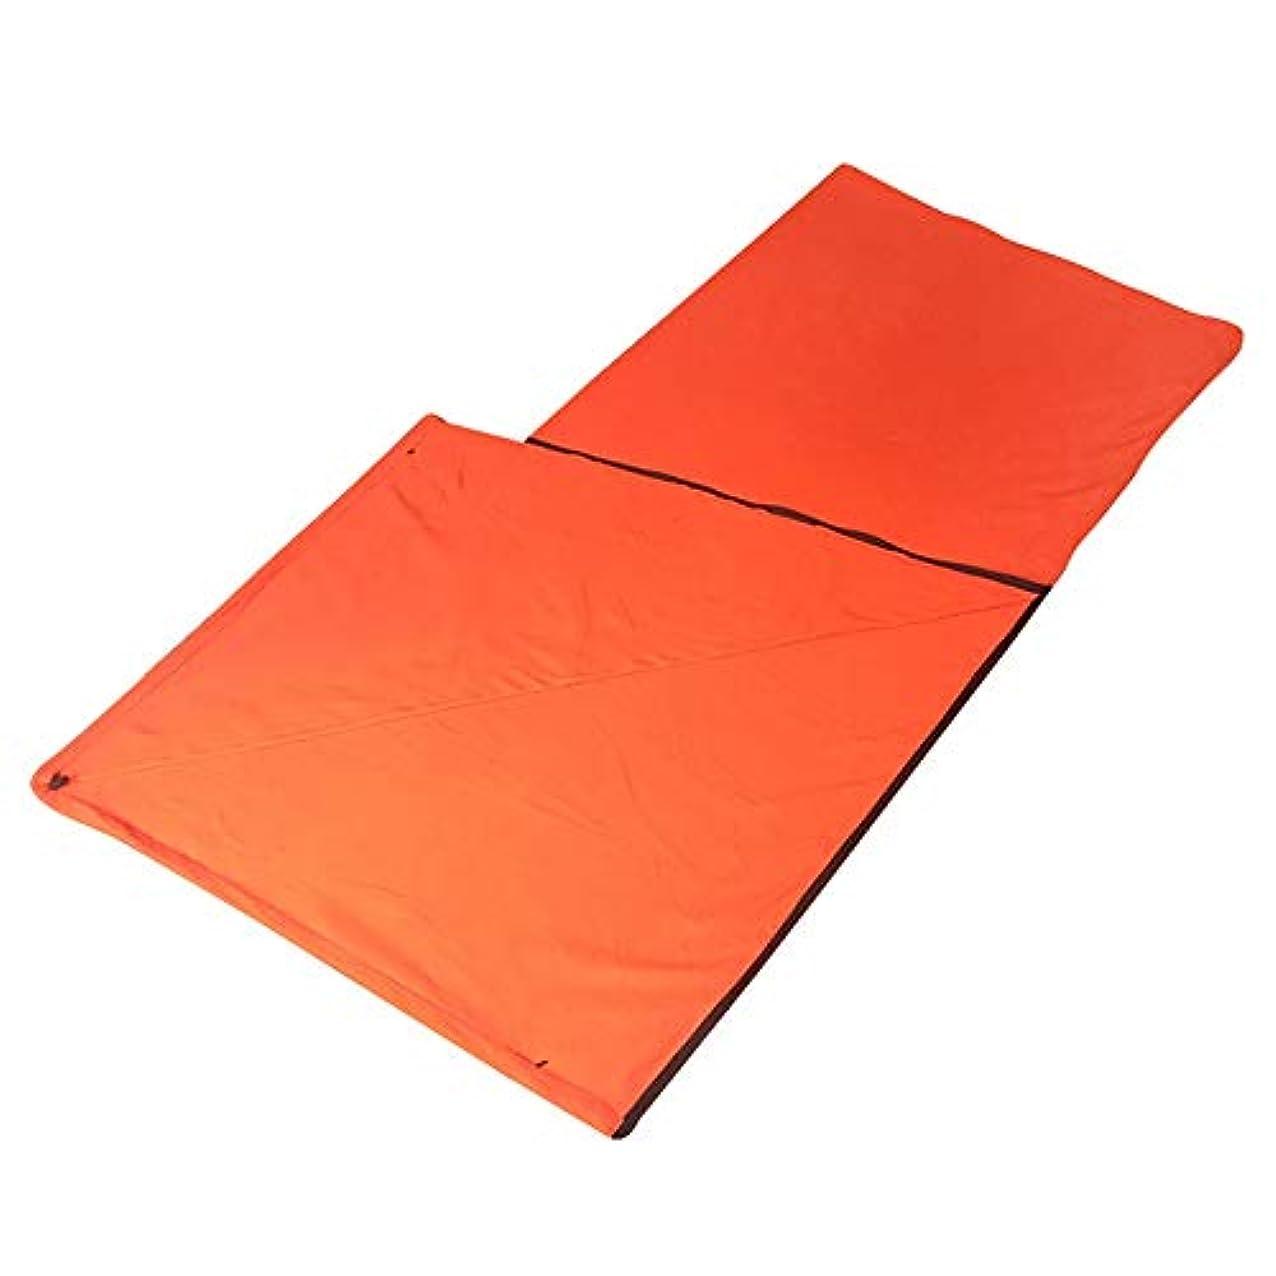 企業言うまでもなくリンクTLMYDD 大人の寝袋綿封筒ラインランチブレイク寝袋シングルビジネス旅行簡単にクリーニング600 g 寝袋 (Color : Orange)